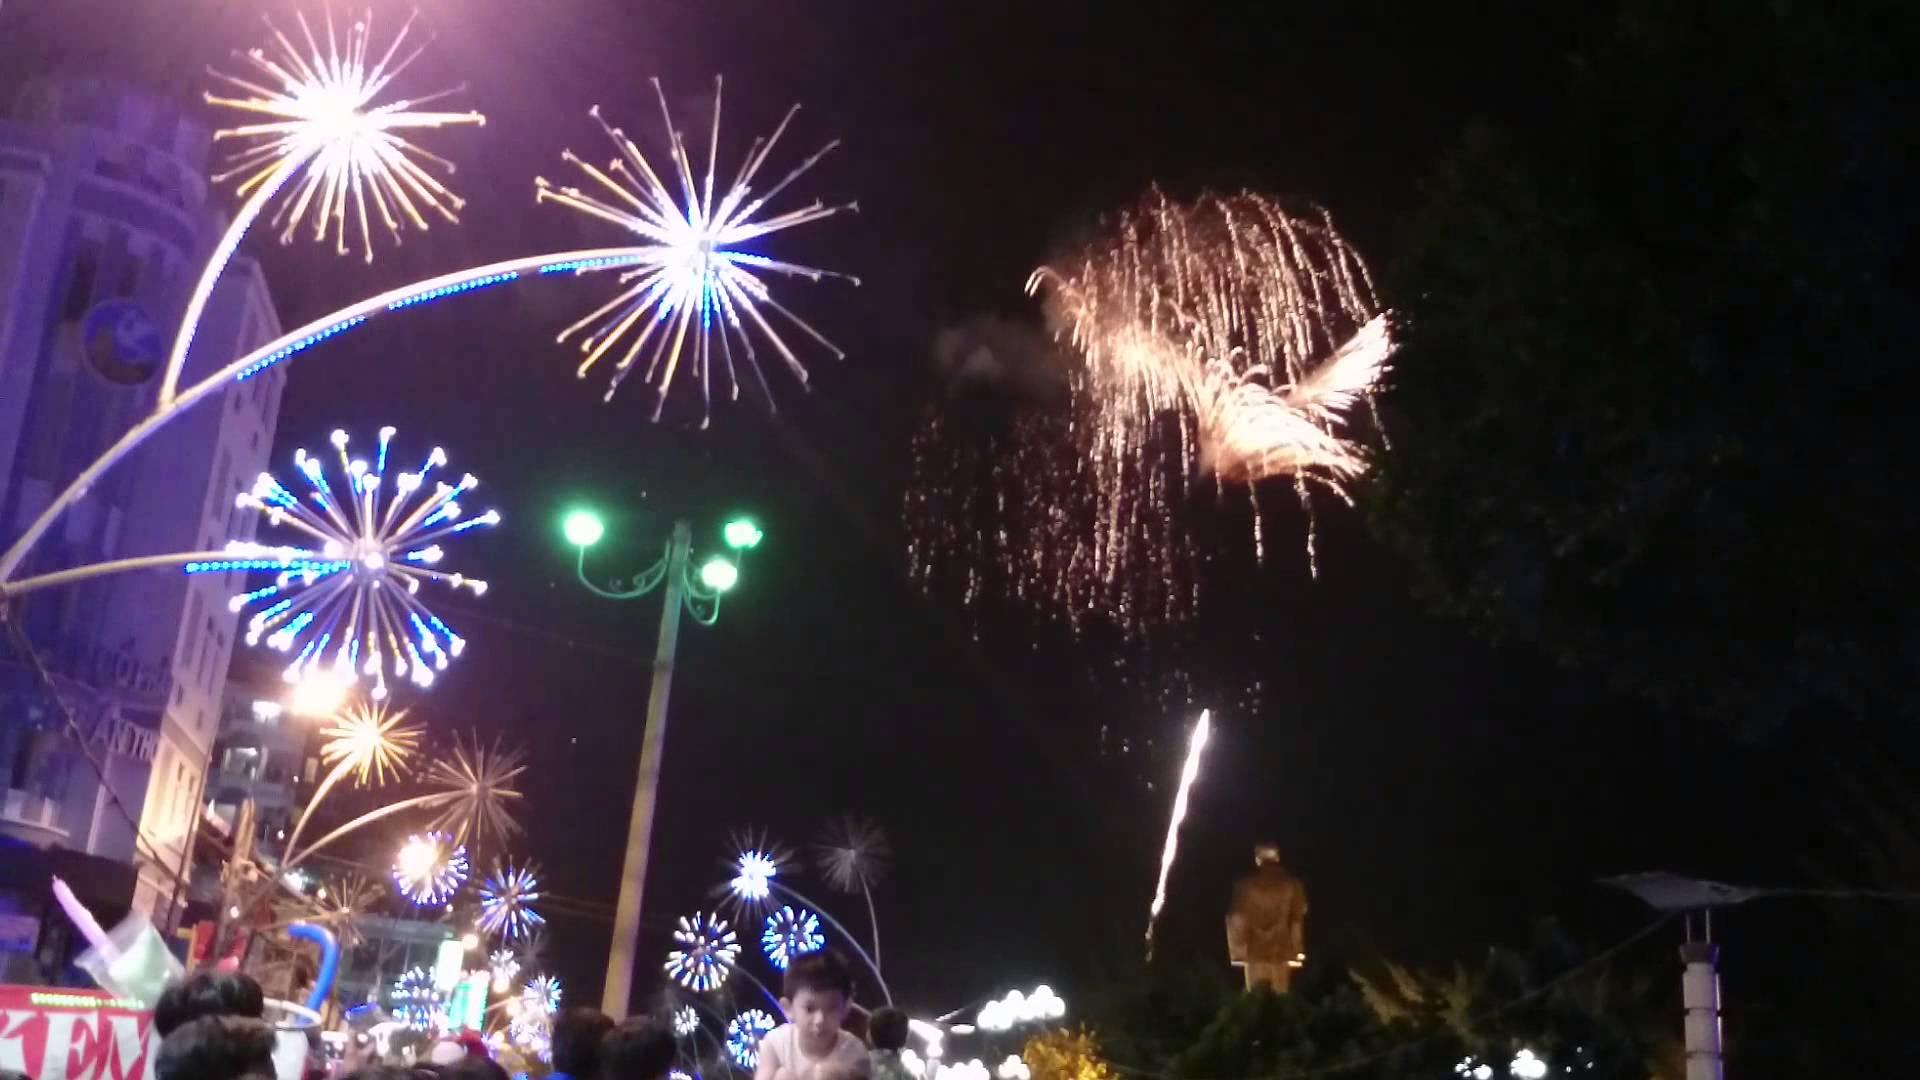 Địa điểm bắn phoá hoa Tết Nguyên Đán Mậu Tuất 2018 tại Cần Thơ